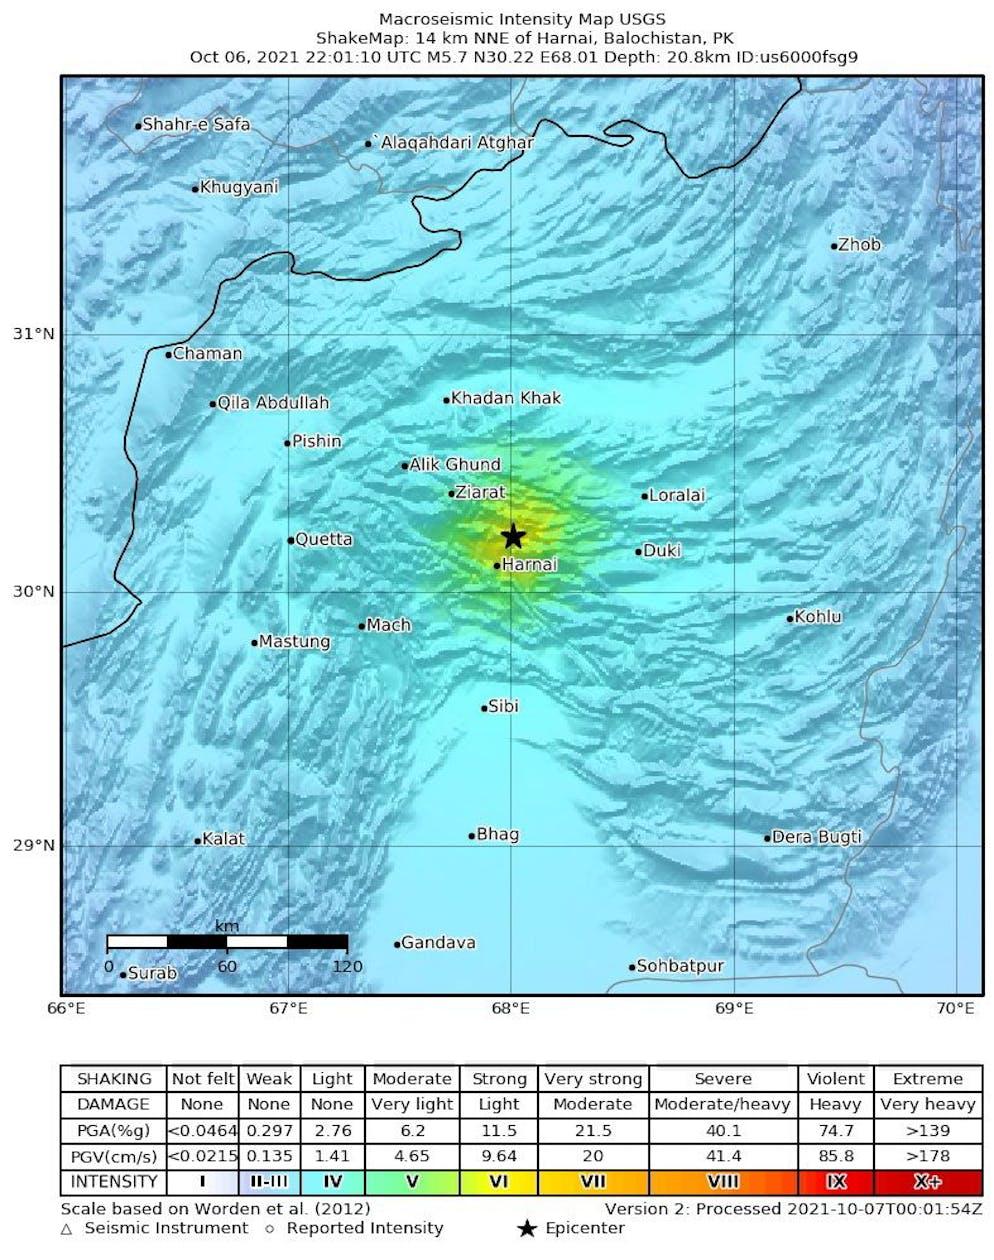 Un document shakemap mis à disposition par le United States Geological Survey (USGS) montre l'emplacement d'un tremblement de terre de magnitude 5,7 frappant la province du Baloutchistan, le 07 octobre 2021.